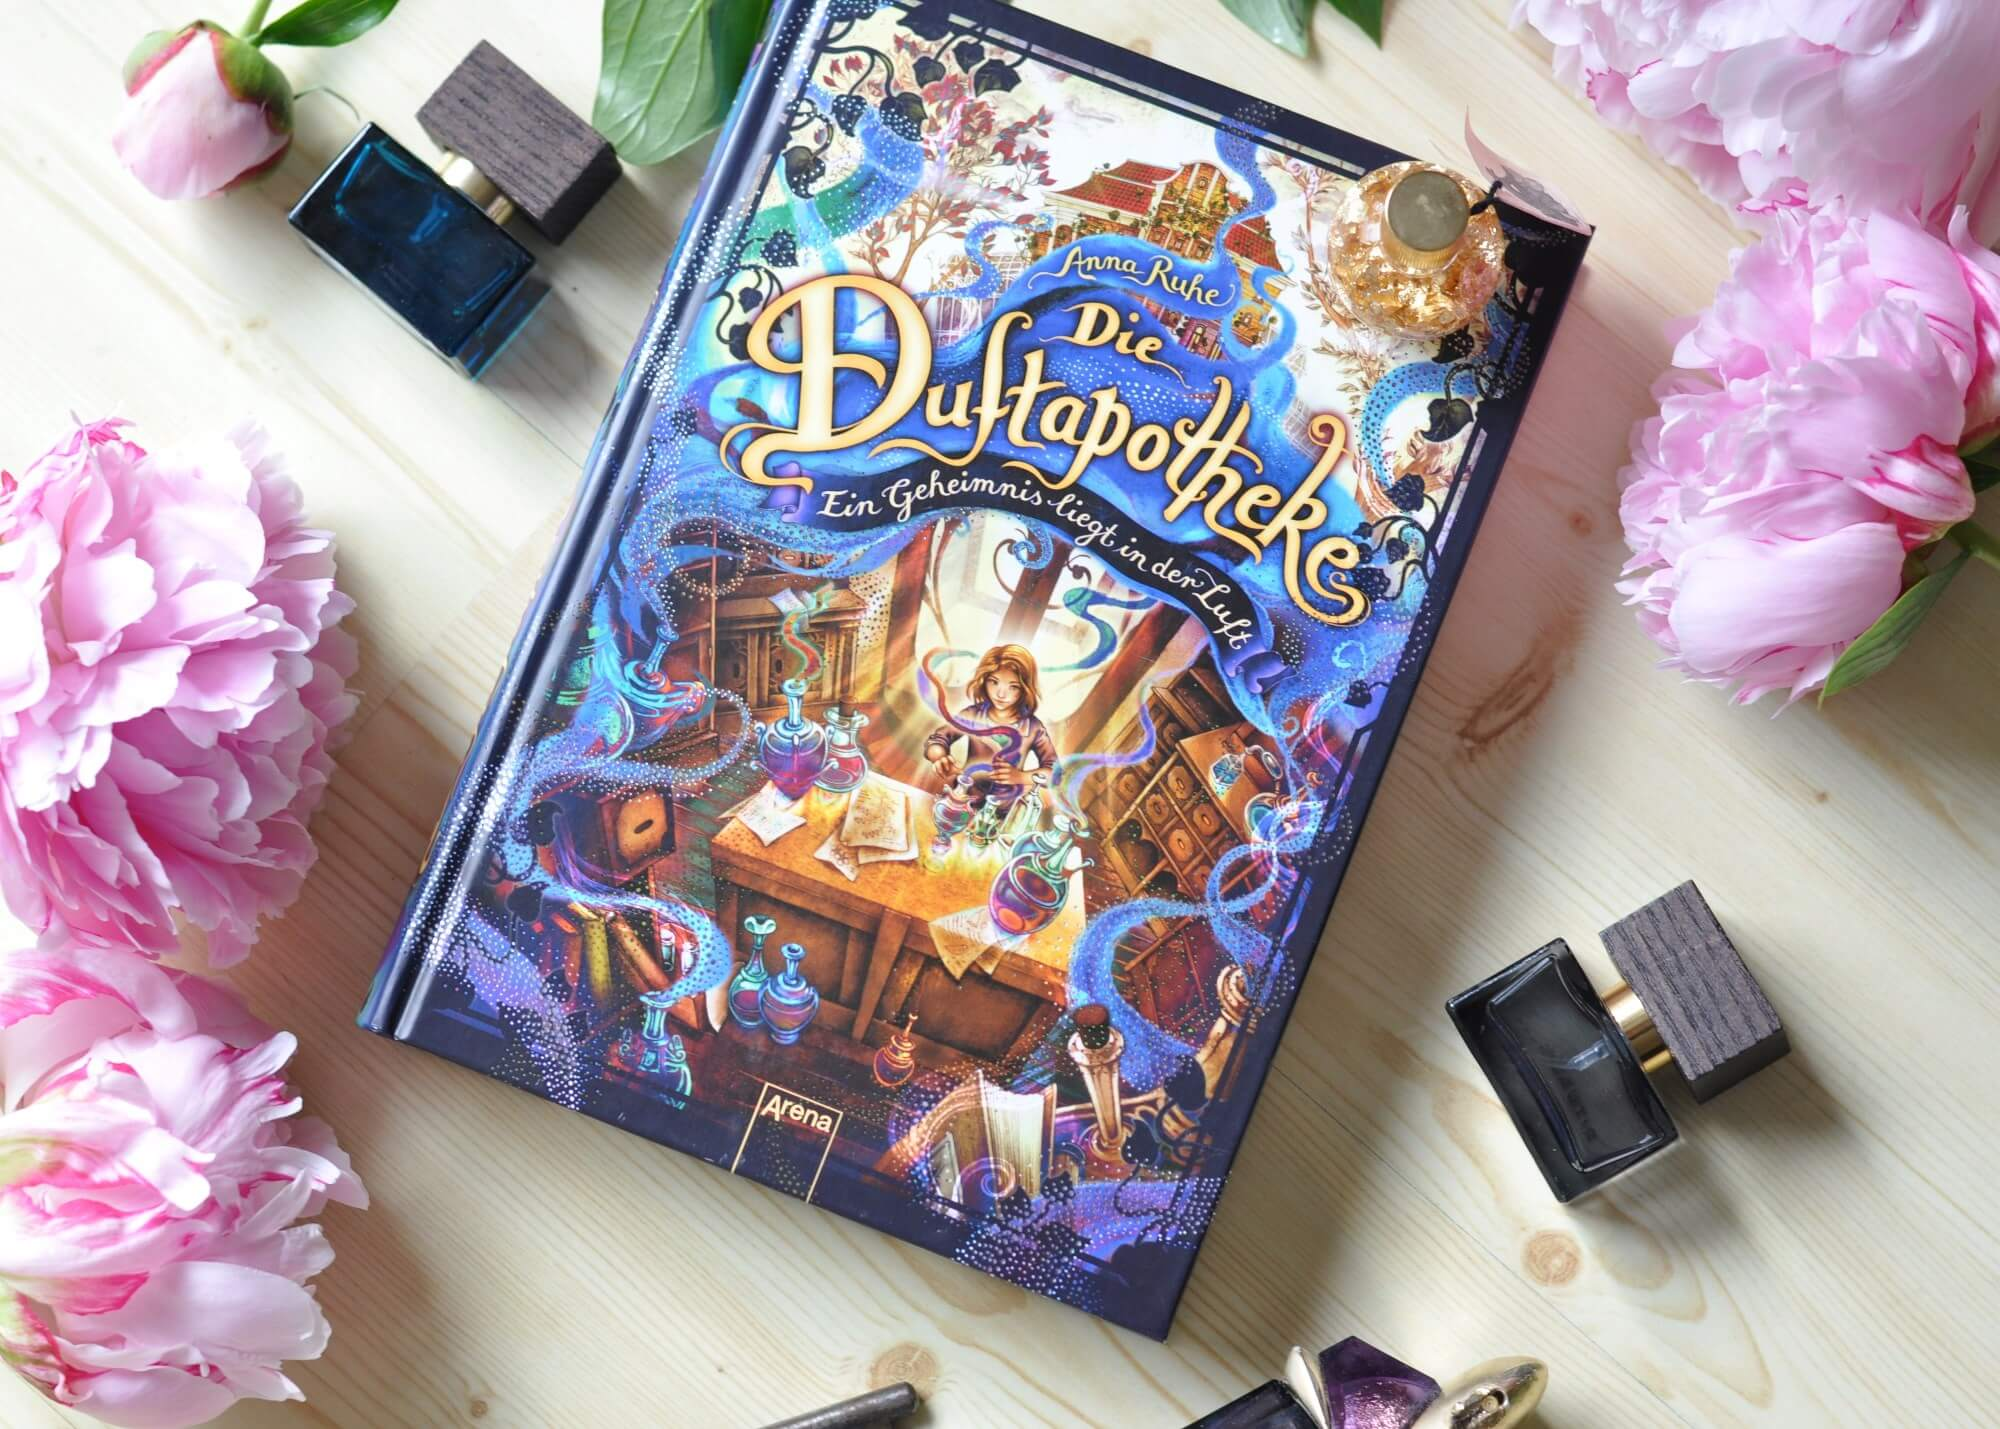 Die Duftapotheke - Ein Geheimnis liegt in der Luft. Abenteuerroman mit viel Spannung und Pflanzenwissen. +duftapotheke #Buchtipp #lesen #vorlesen #spannung #buch #kinderbuch